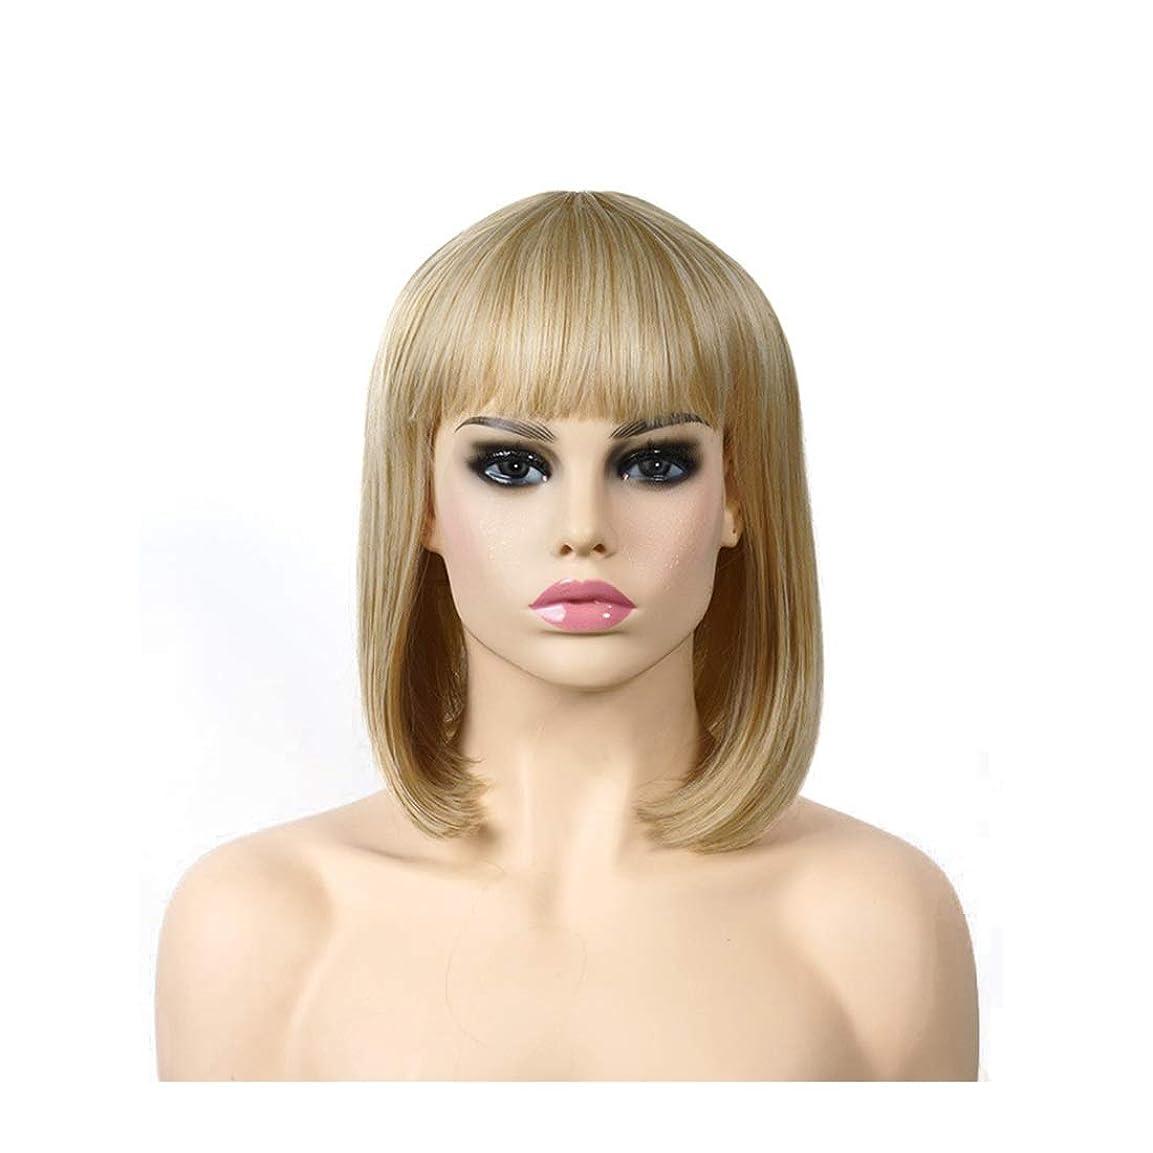 微視的臭いご注意Koloeplf 高温シルクヨーロッパとアメリカのファッションショルダーウィッグゴールドロングストレートヘアウィッグ (Color : 金色)